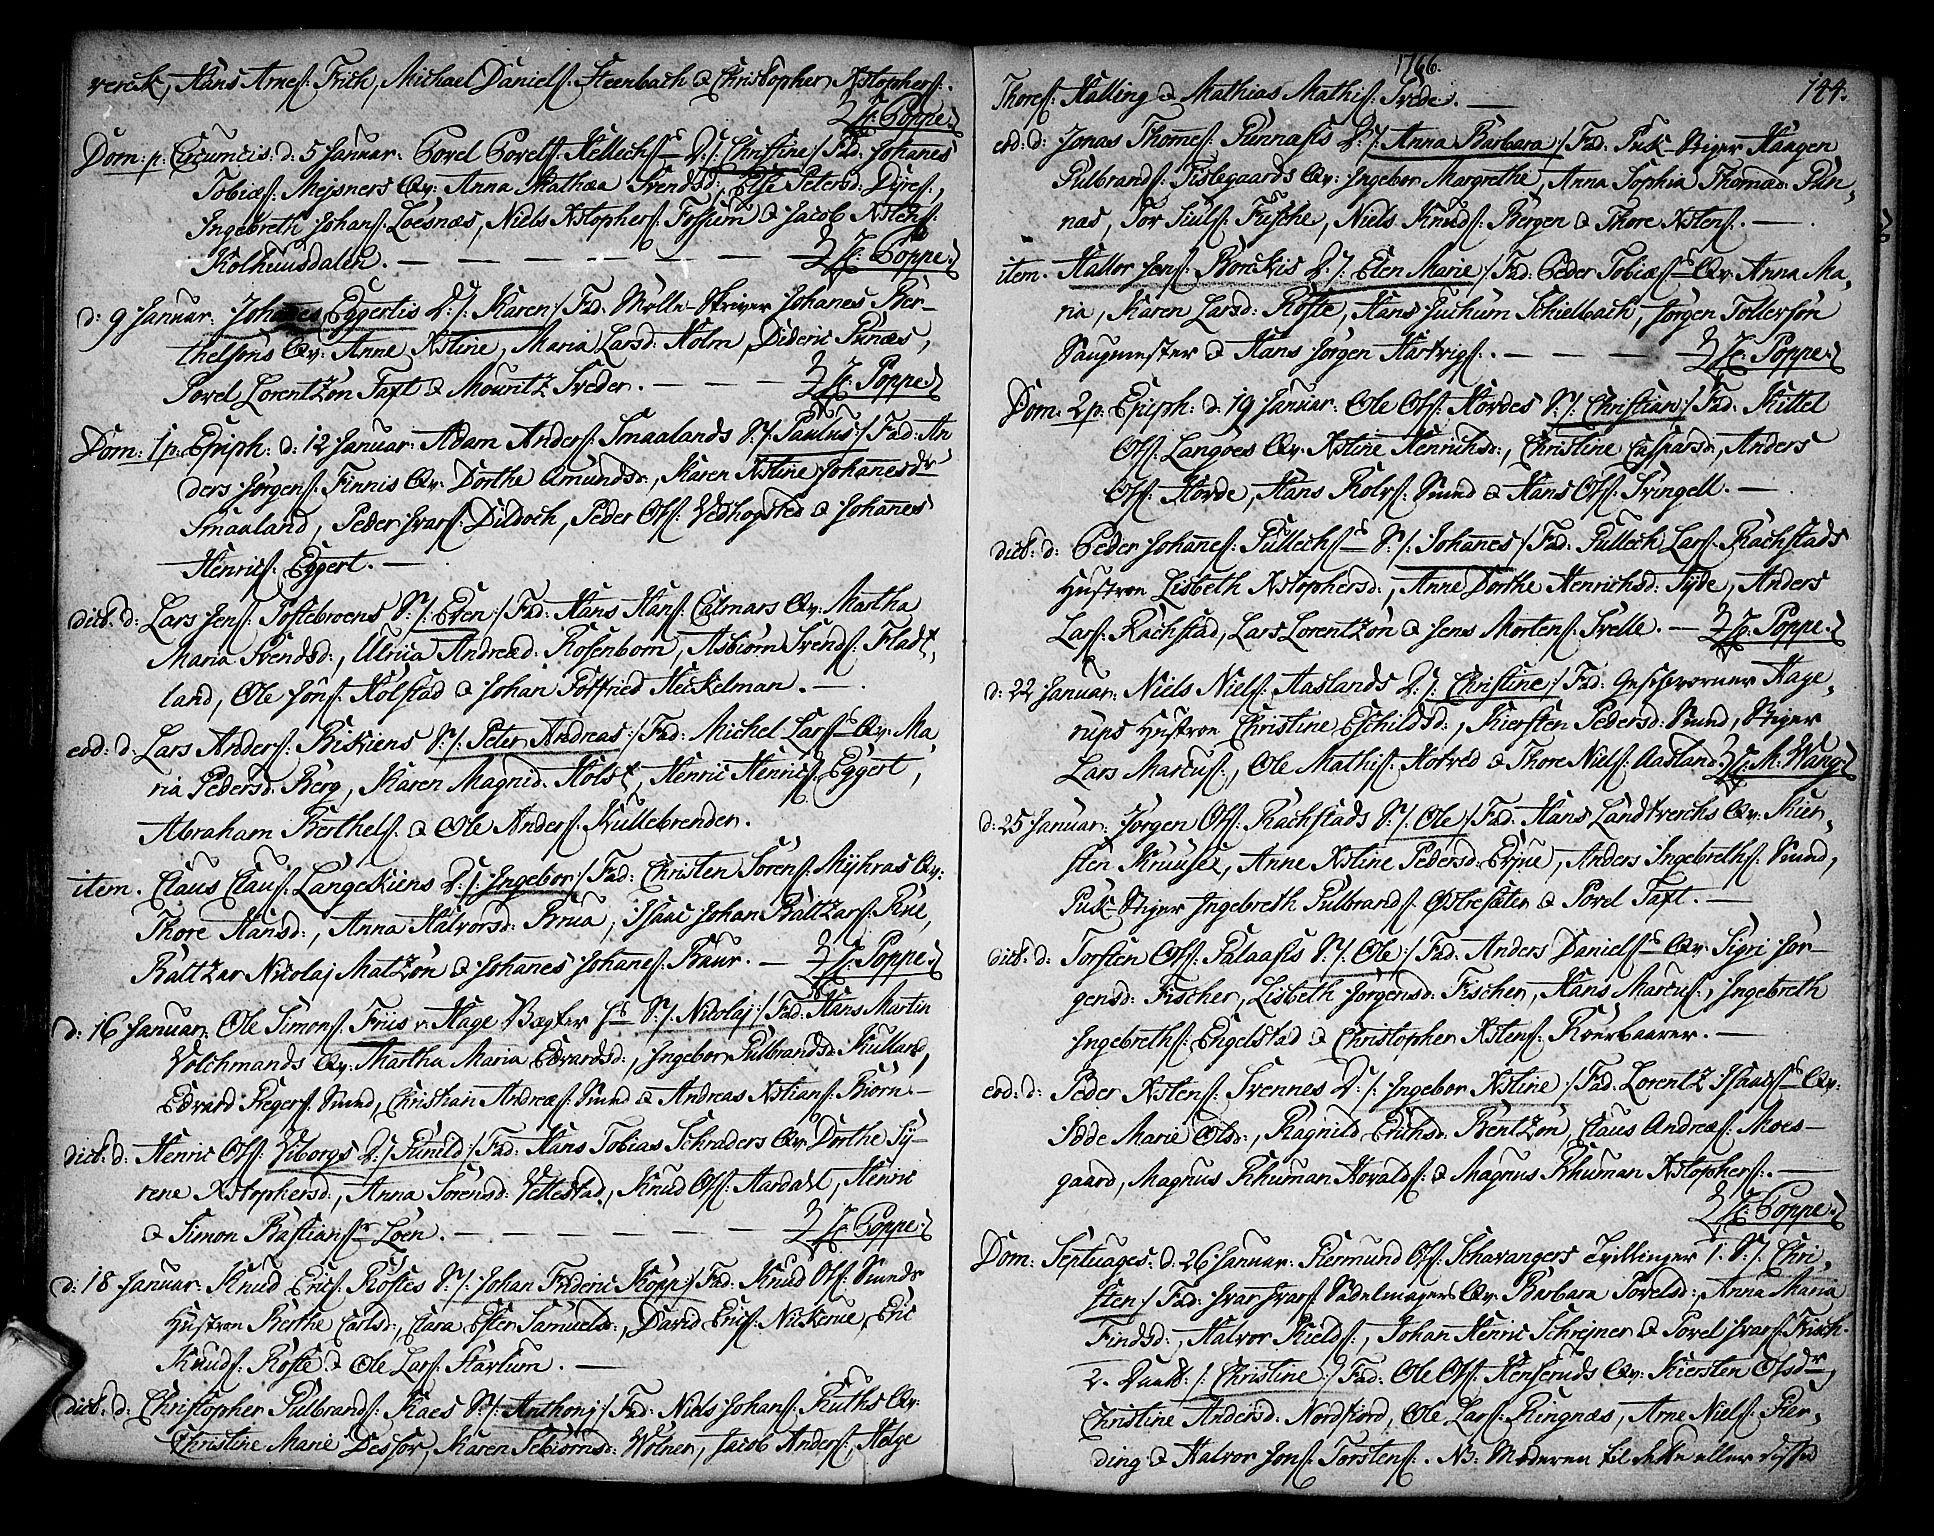 SAKO, Kongsberg kirkebøker, F/Fa/L0004: Ministerialbok nr. I 4, 1756-1768, s. 144